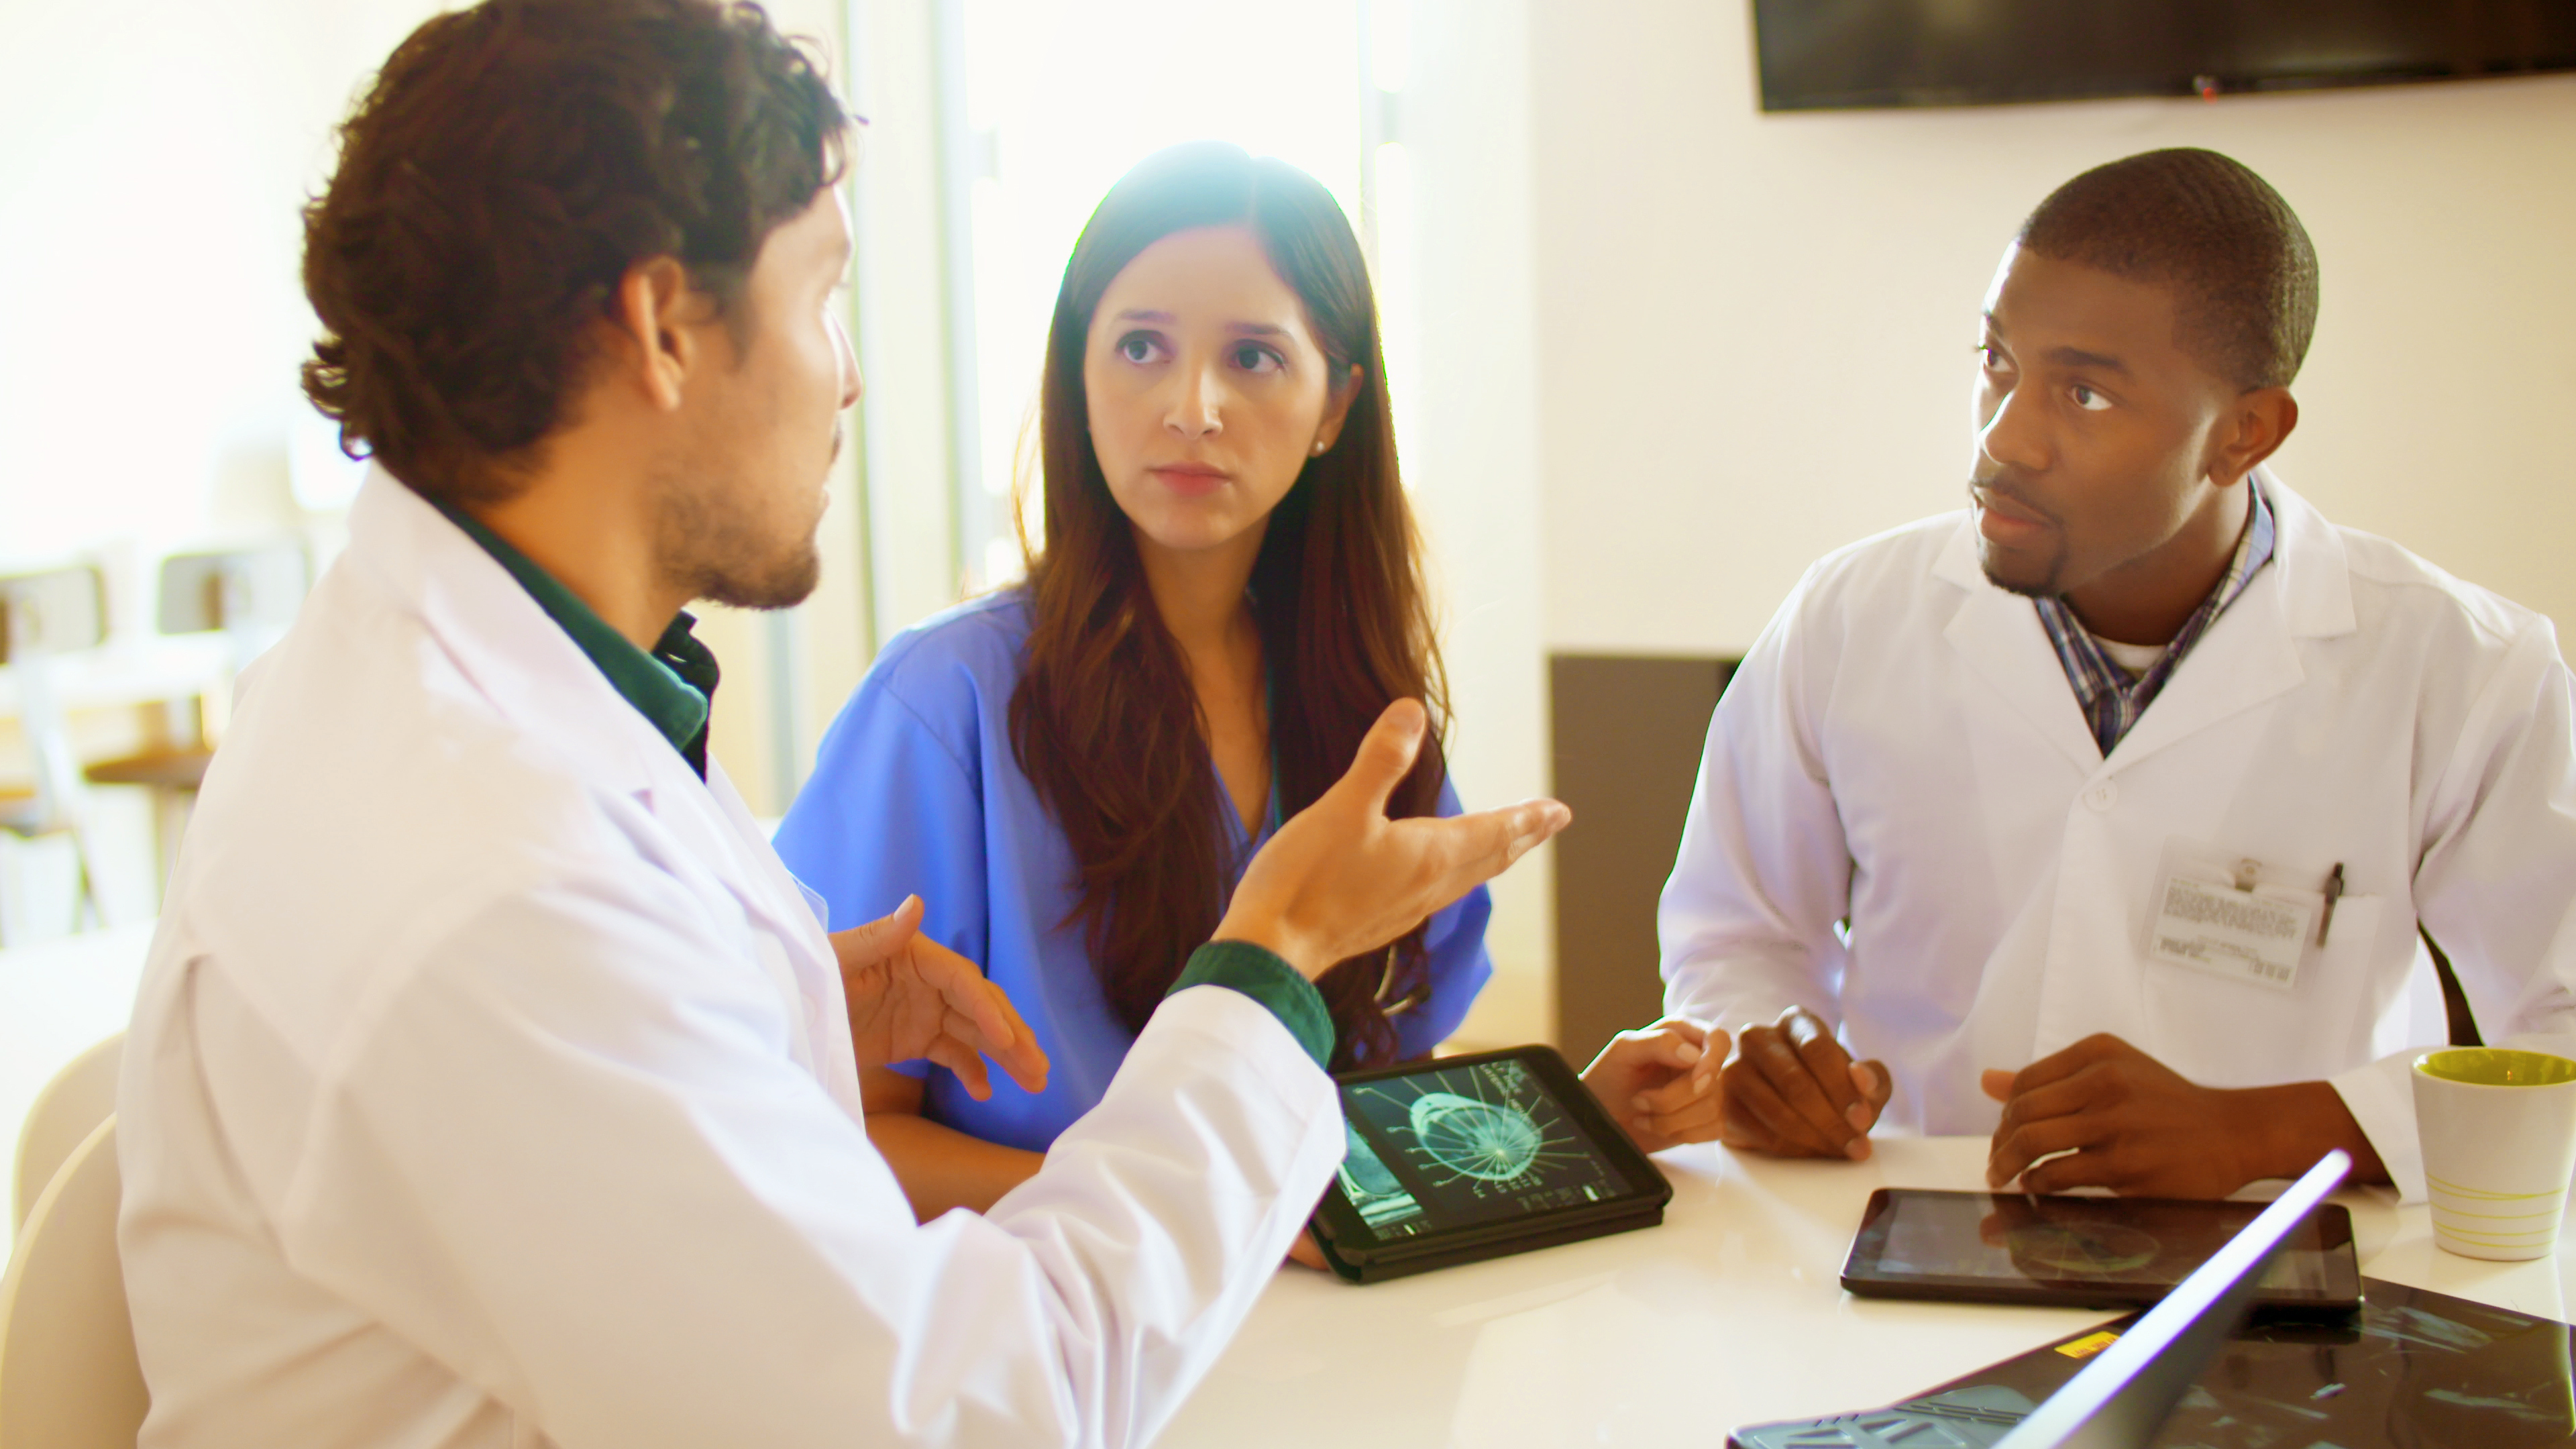 Vitalis Consulting – Employement Professionals